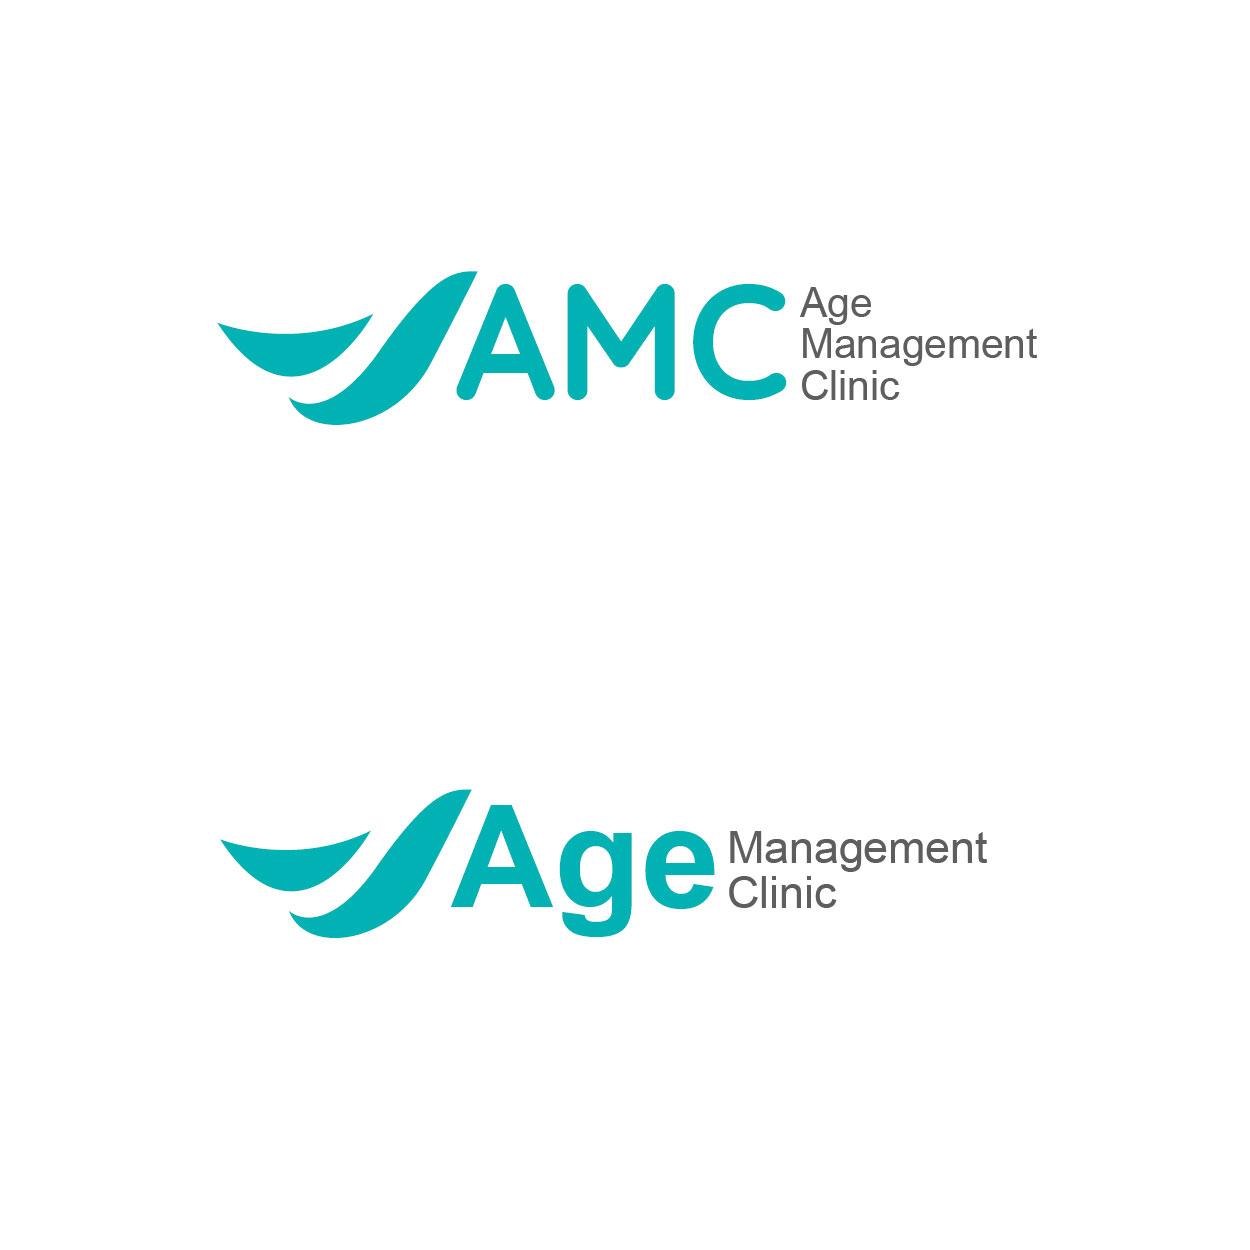 Логотип для медицинского центра (клиники)  фото f_8515b9f538896086.jpg